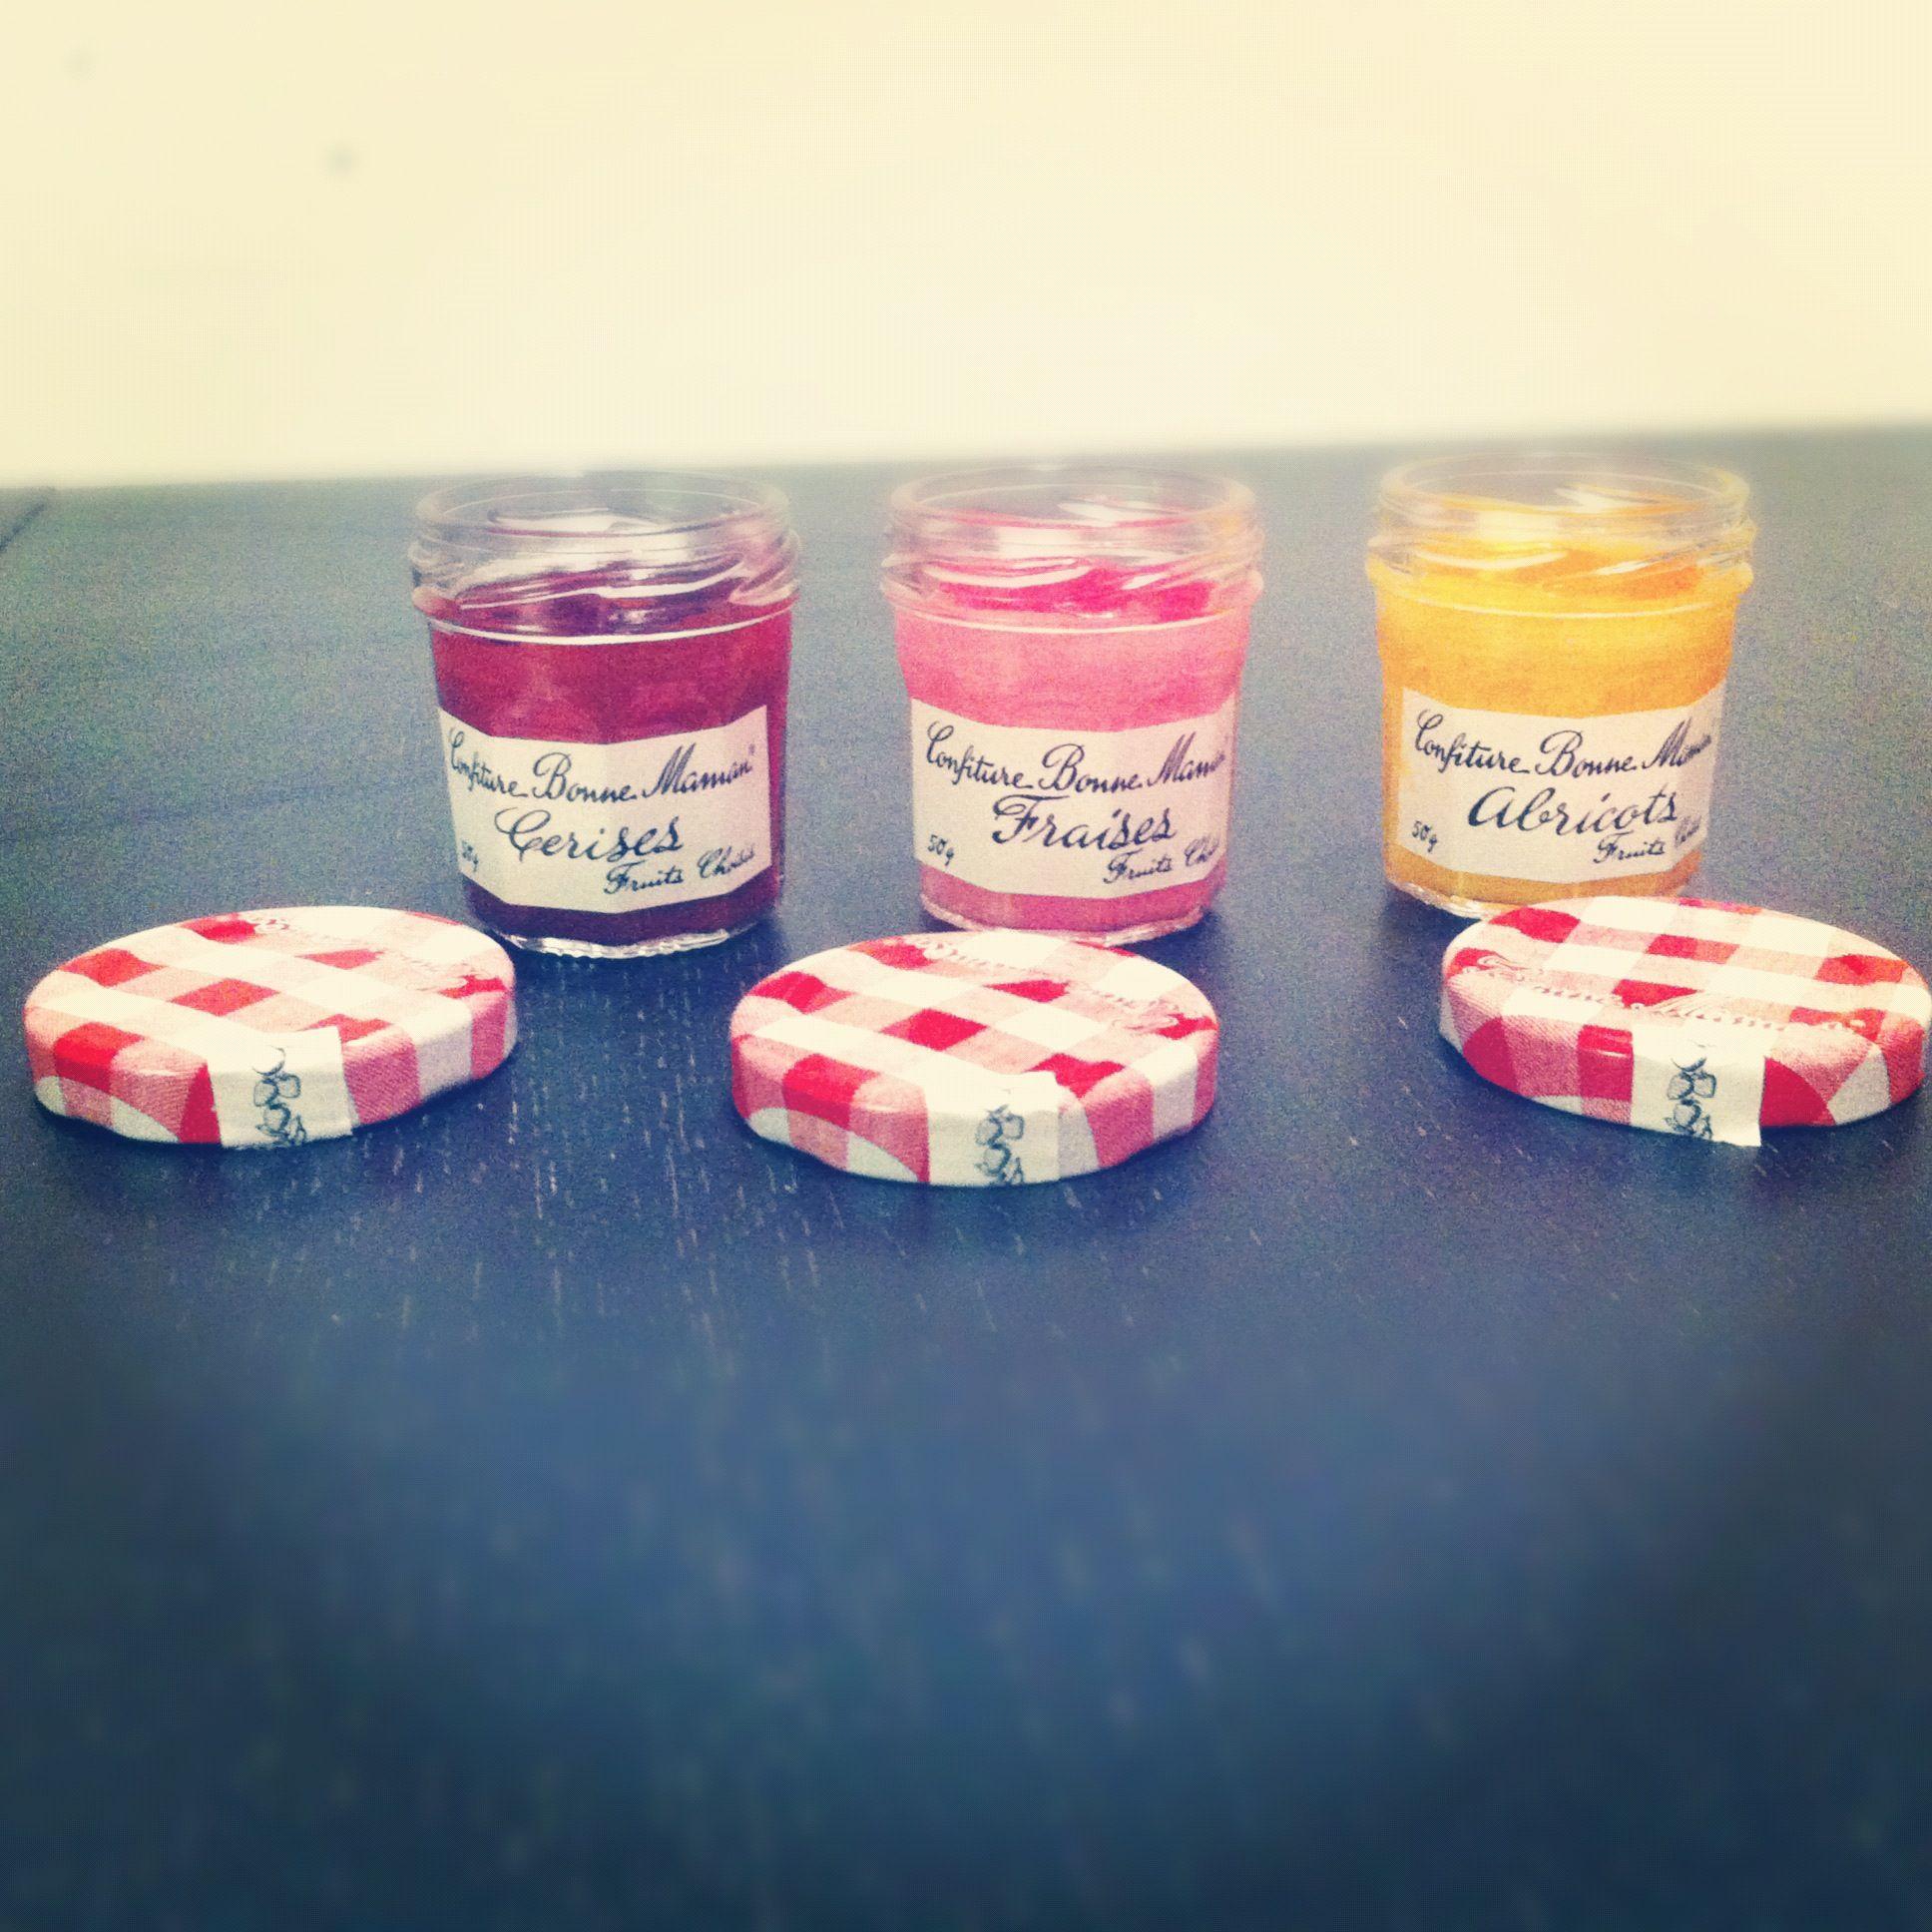 Leblogdecrouchette cosas que me gustan things i love bougies fait maison comment faire - Bougie fait maison ...